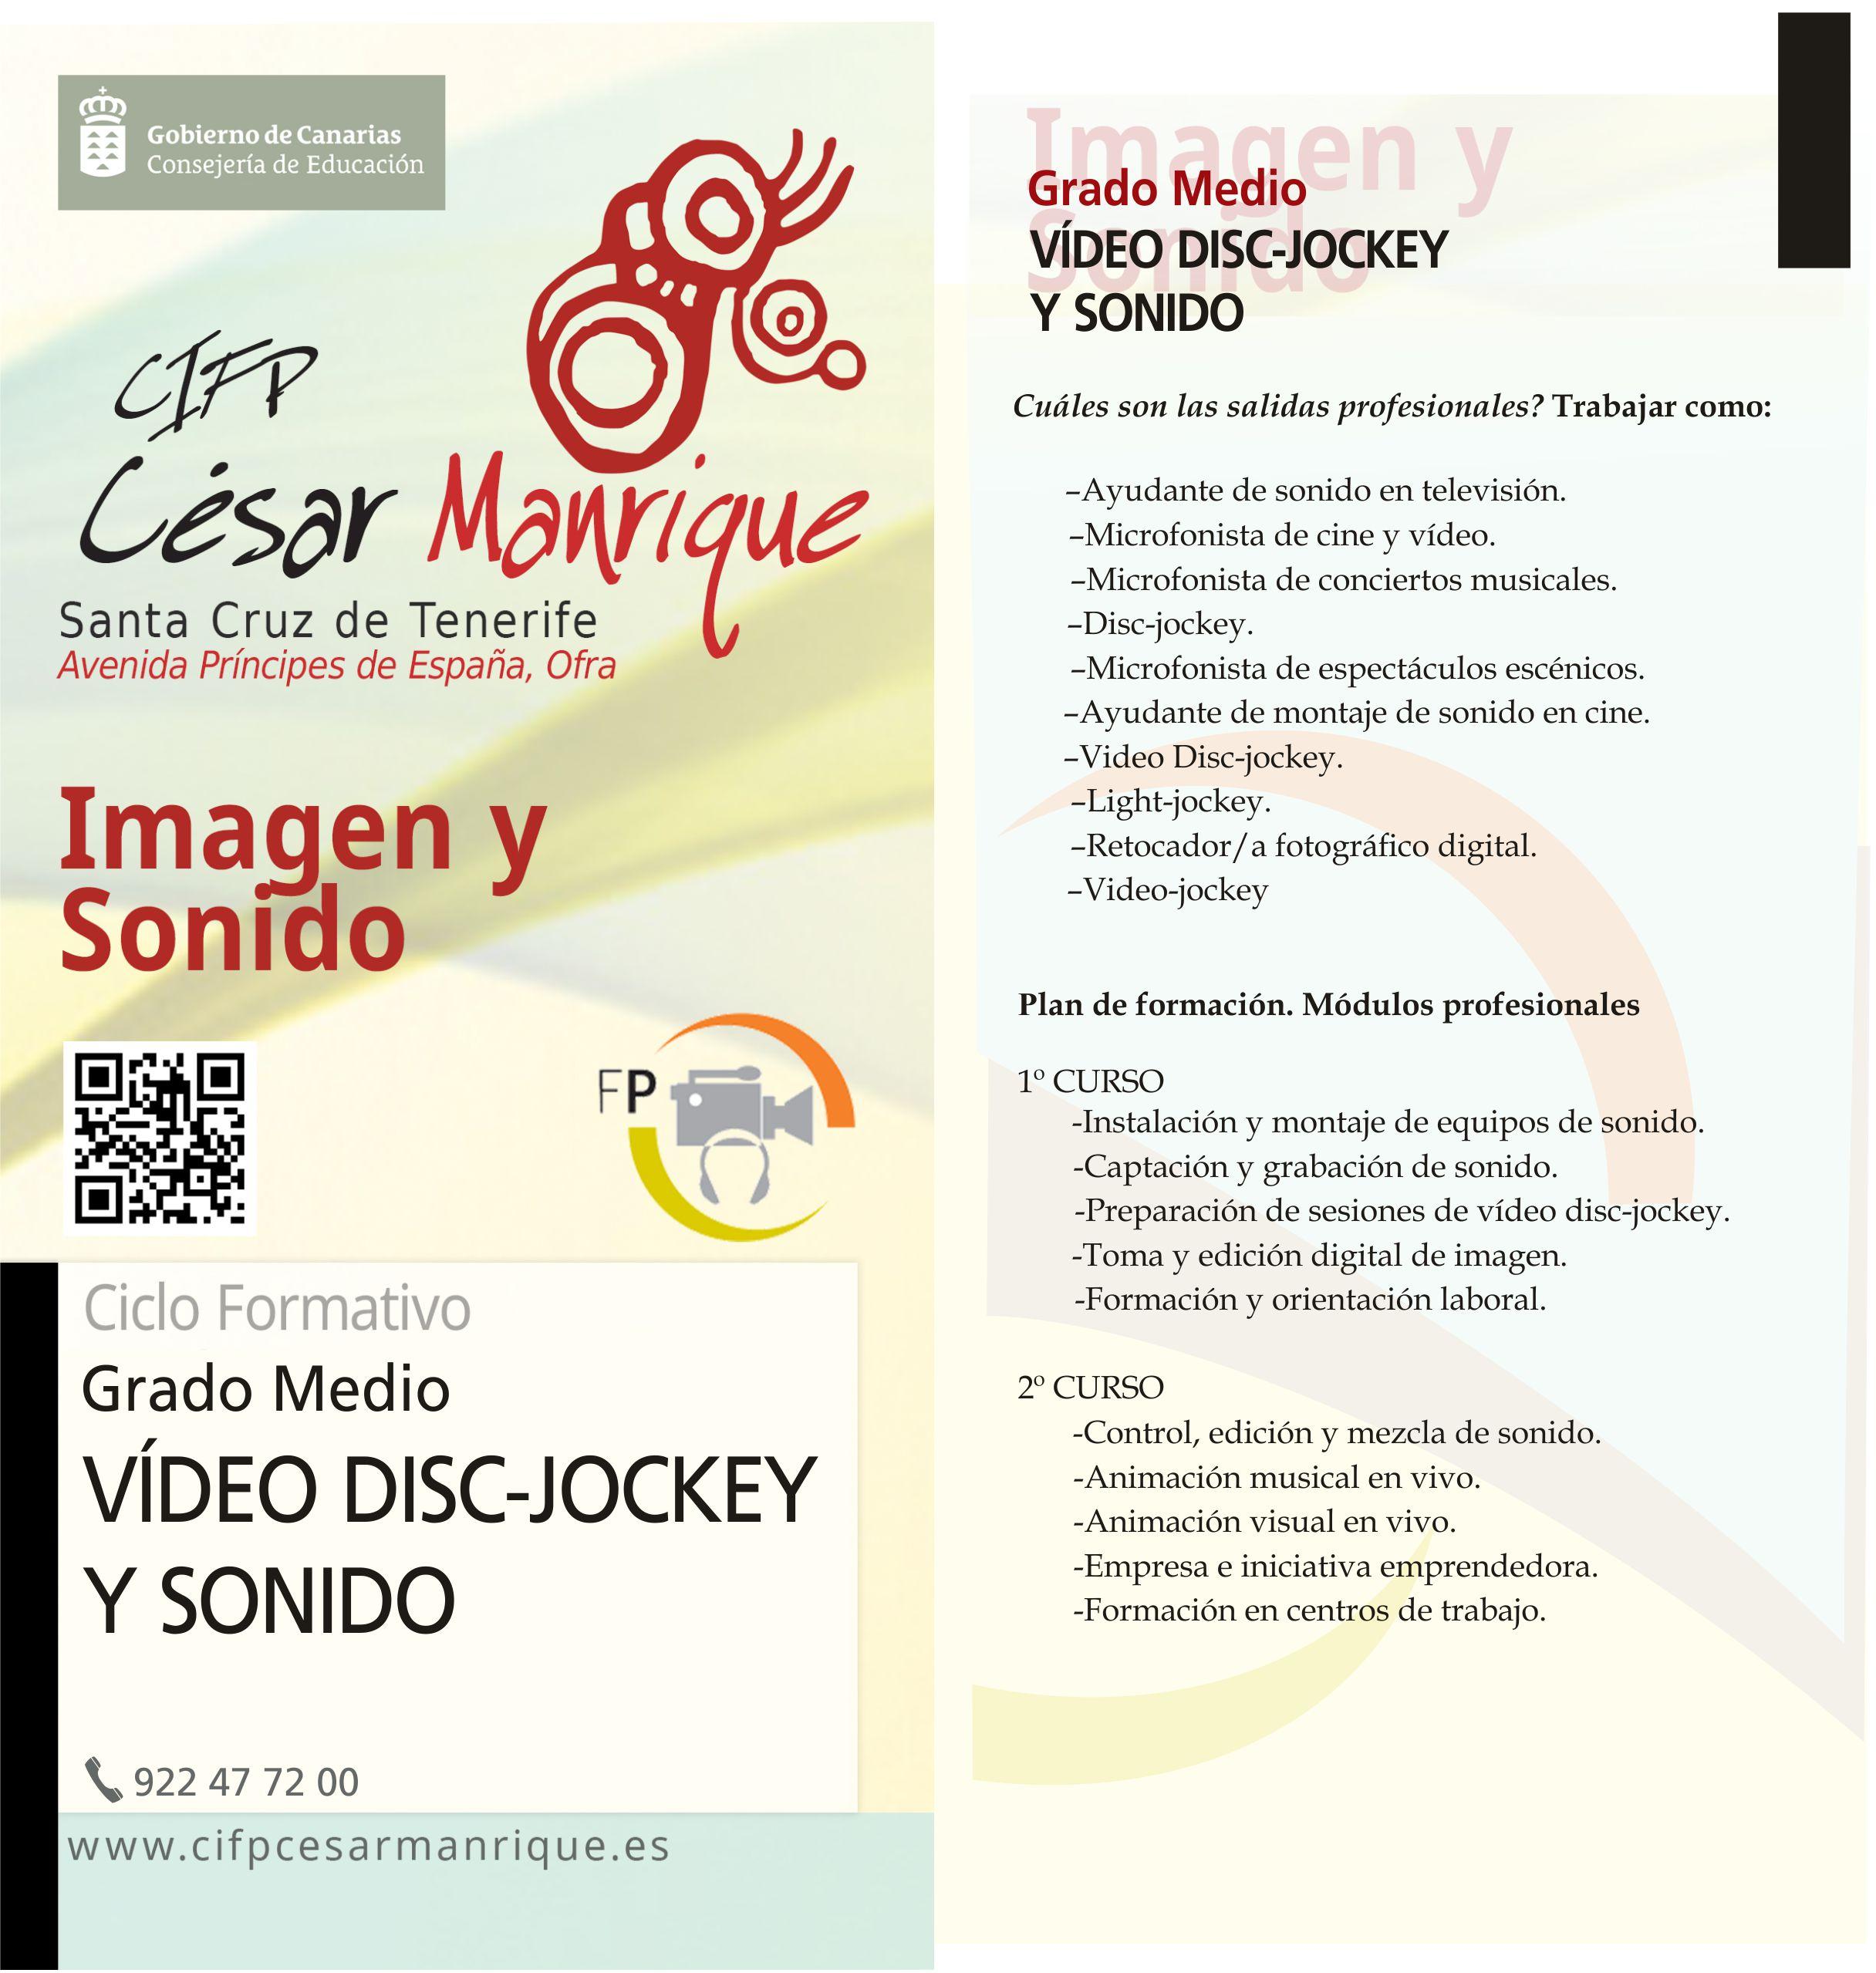 Grado Medio Video Disc-Jockey y Sonido